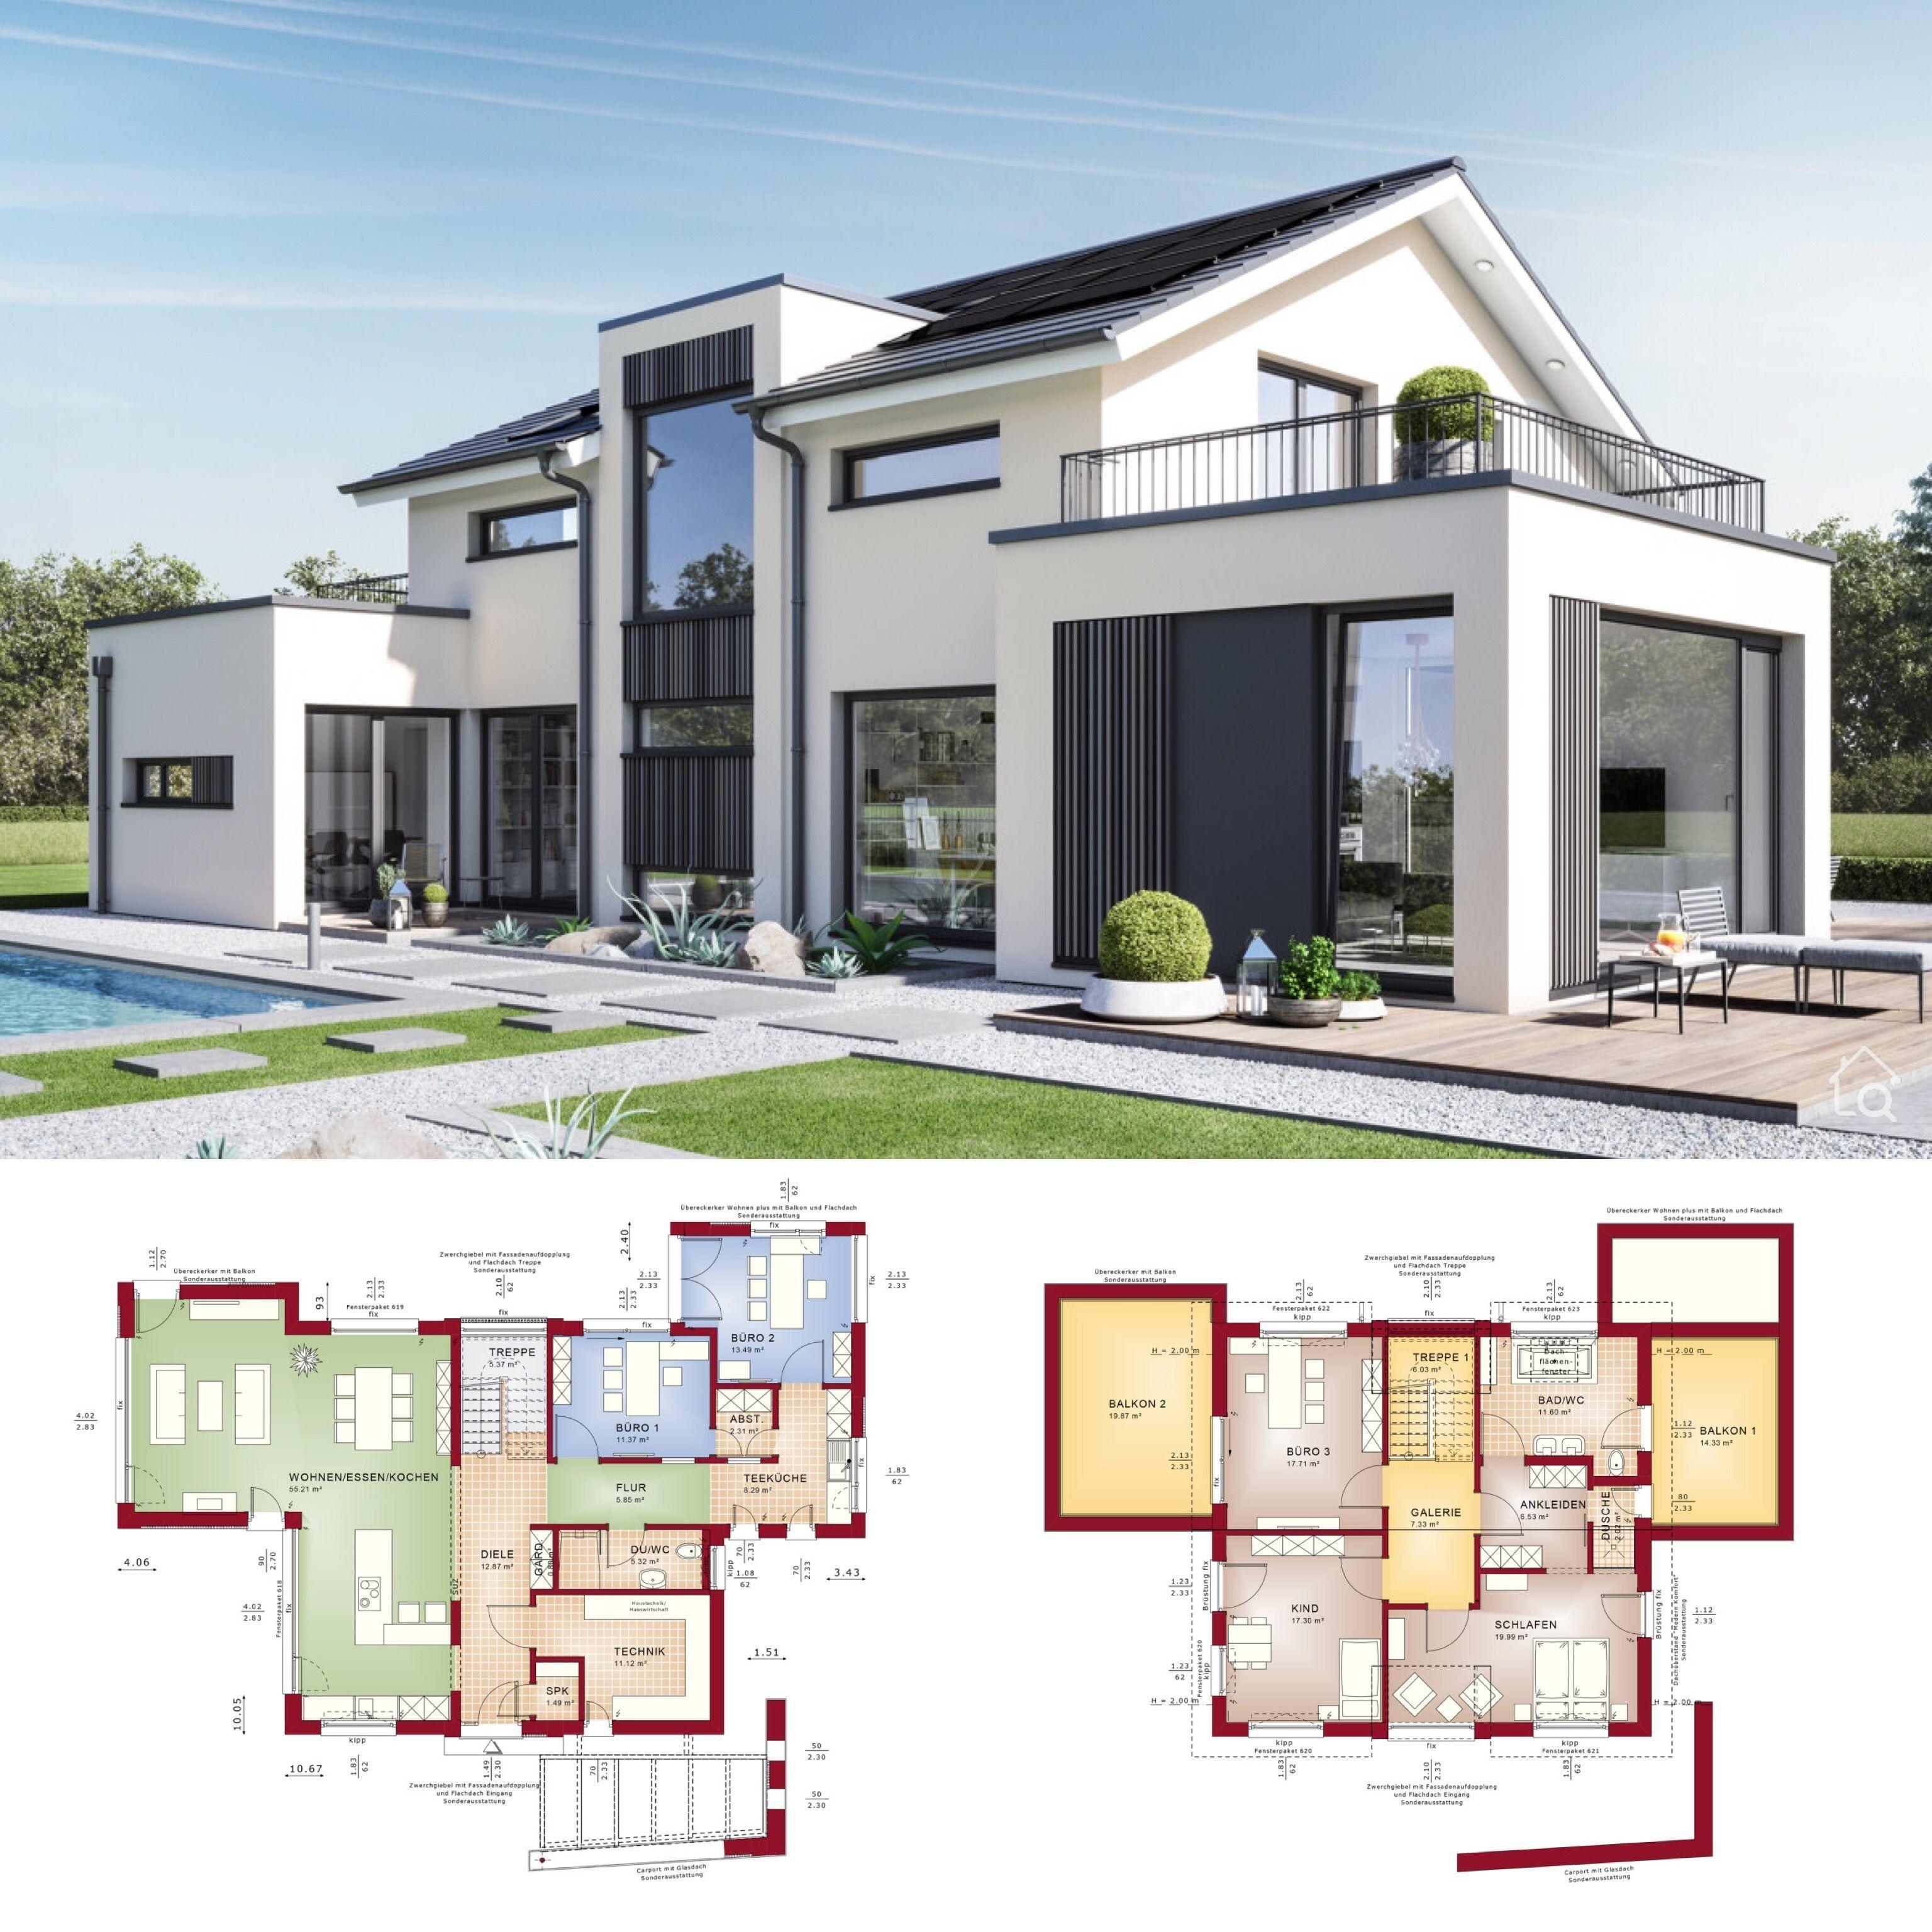 Fertighaus Mit Modernes Satteldach Haus Design Aussen Modern Mit Satteldach House Architecture Design Architecture House Residential Architecture Facades